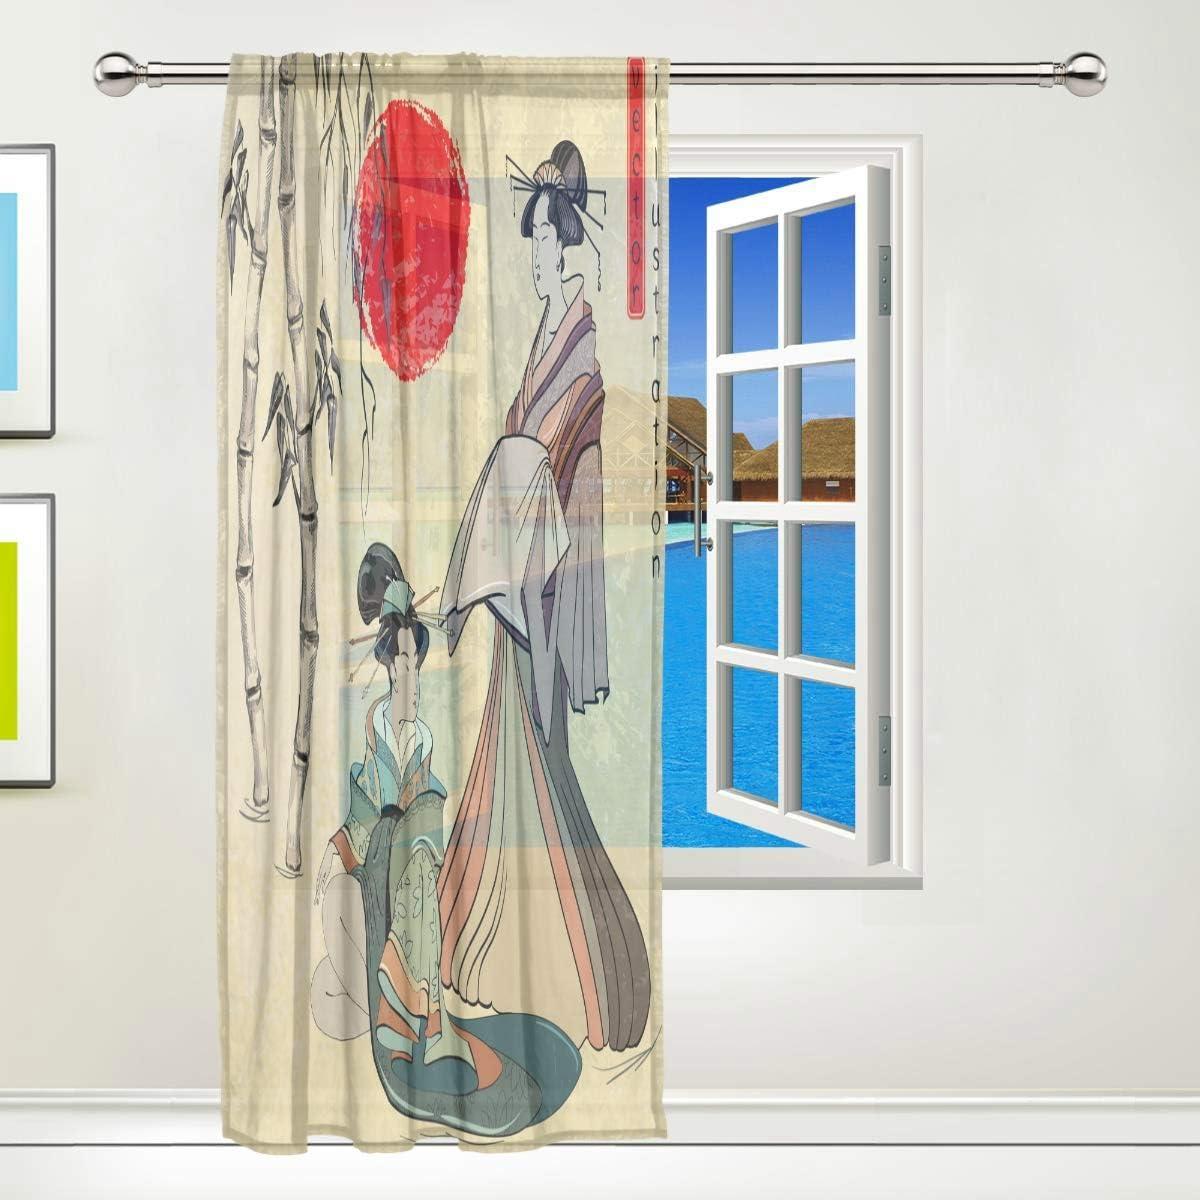 Beau Rideau Japonais Geisha Girl pour Cuisine 55x78x1 ISAOA Rideau Transparent en Tulle 132 x 183 cm Salon Multicolore Chambre /à Coucher in Panneau Simple Polyester